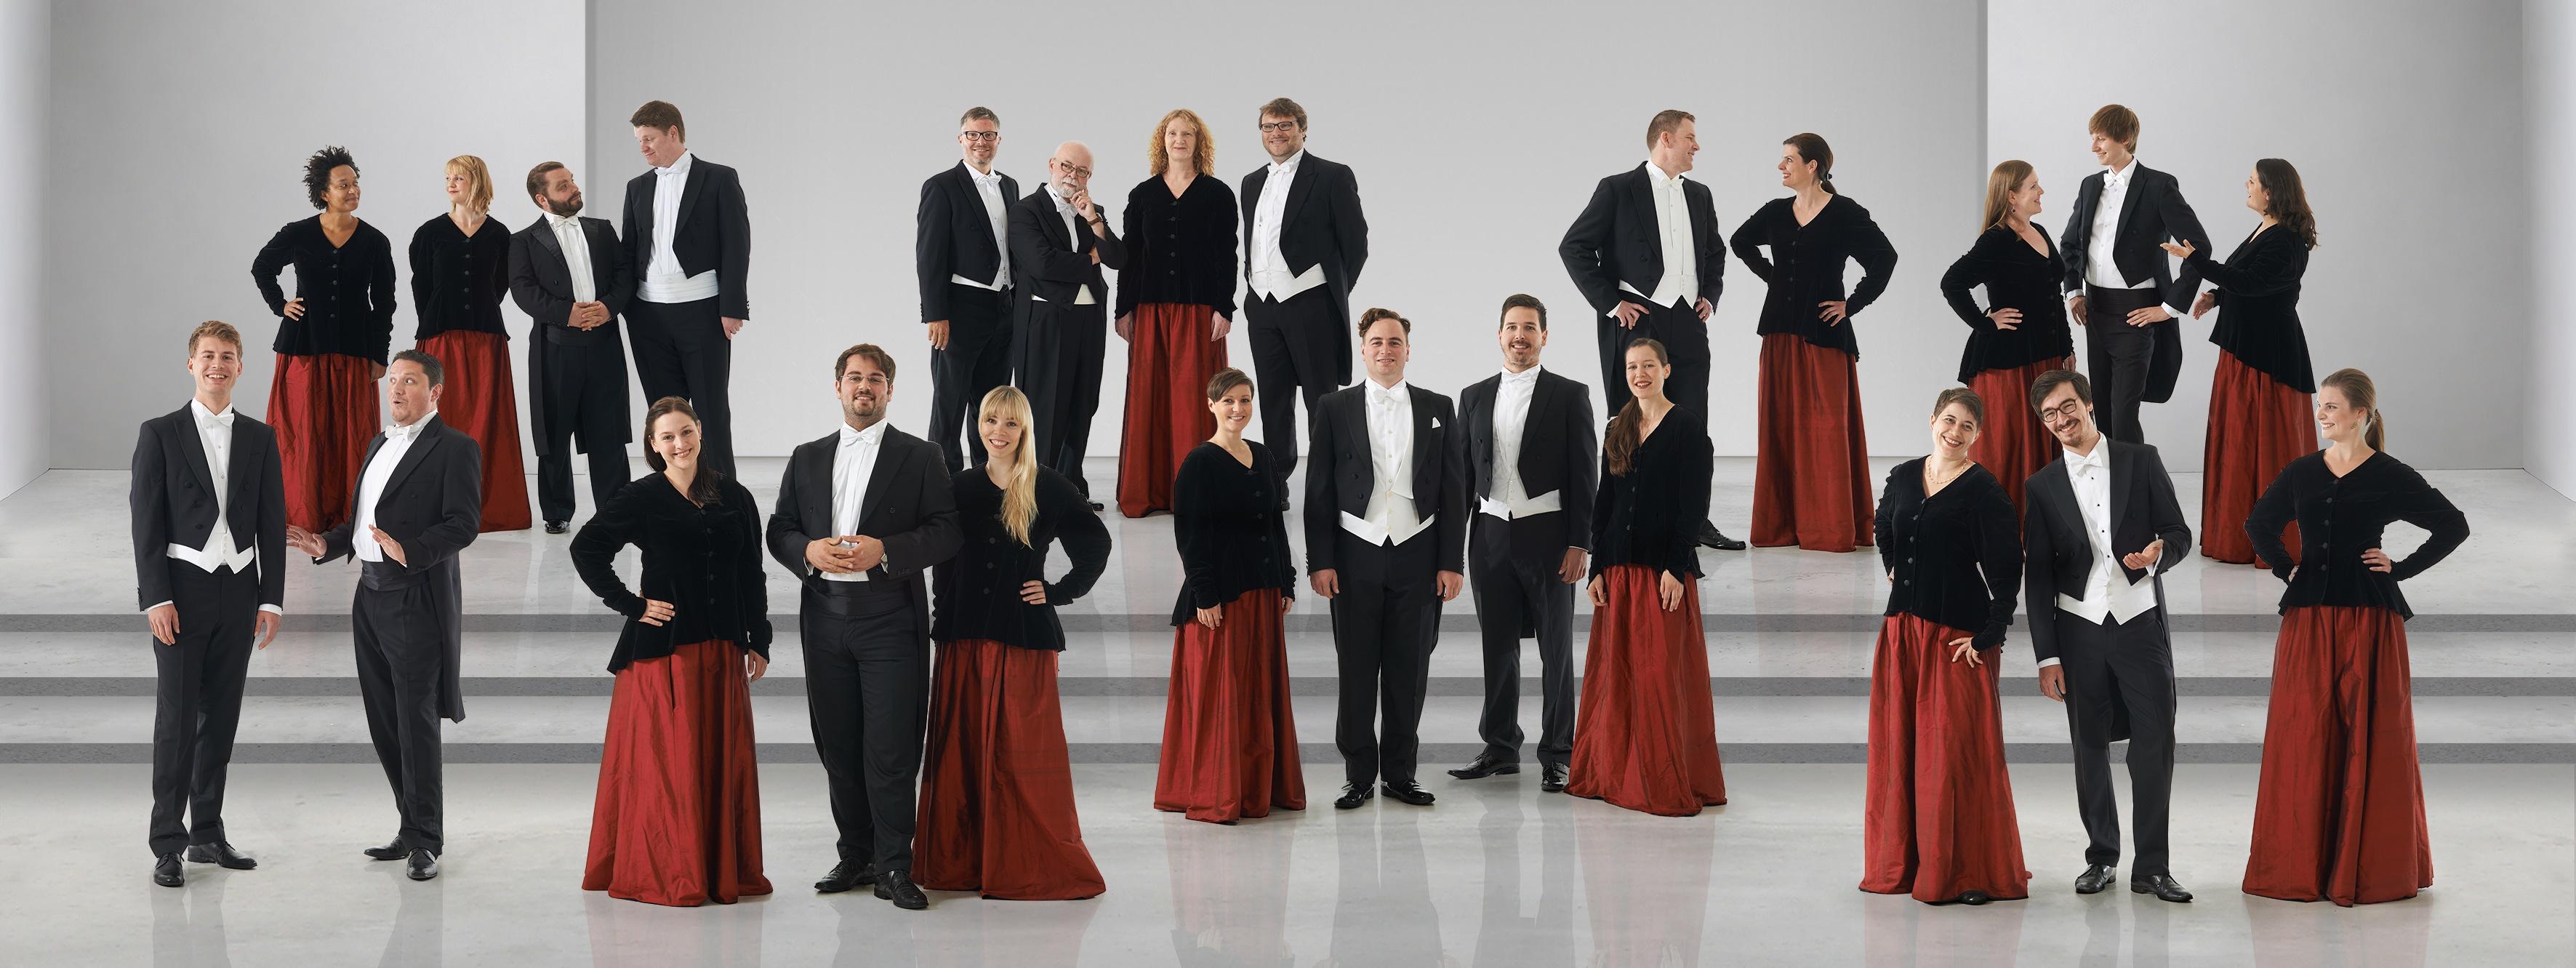 Kammerchor_Zuschnitt-by-Jens-Meisert